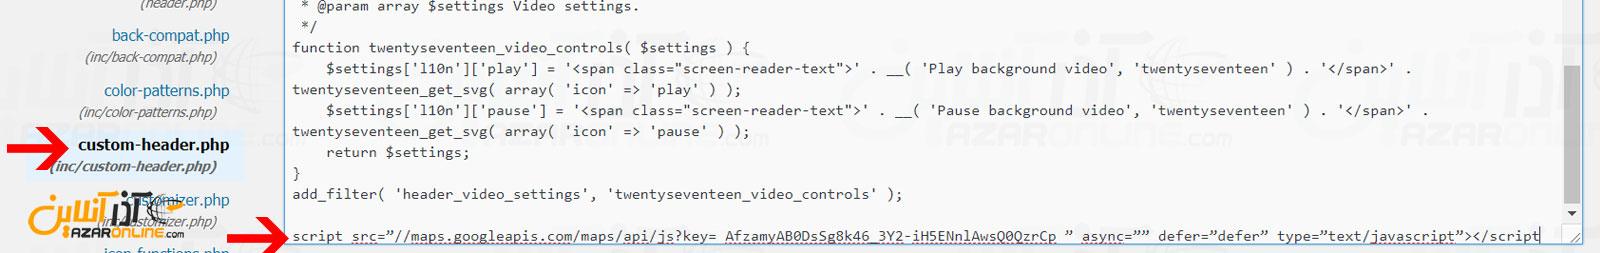 وارد کردن کلید API در header.php